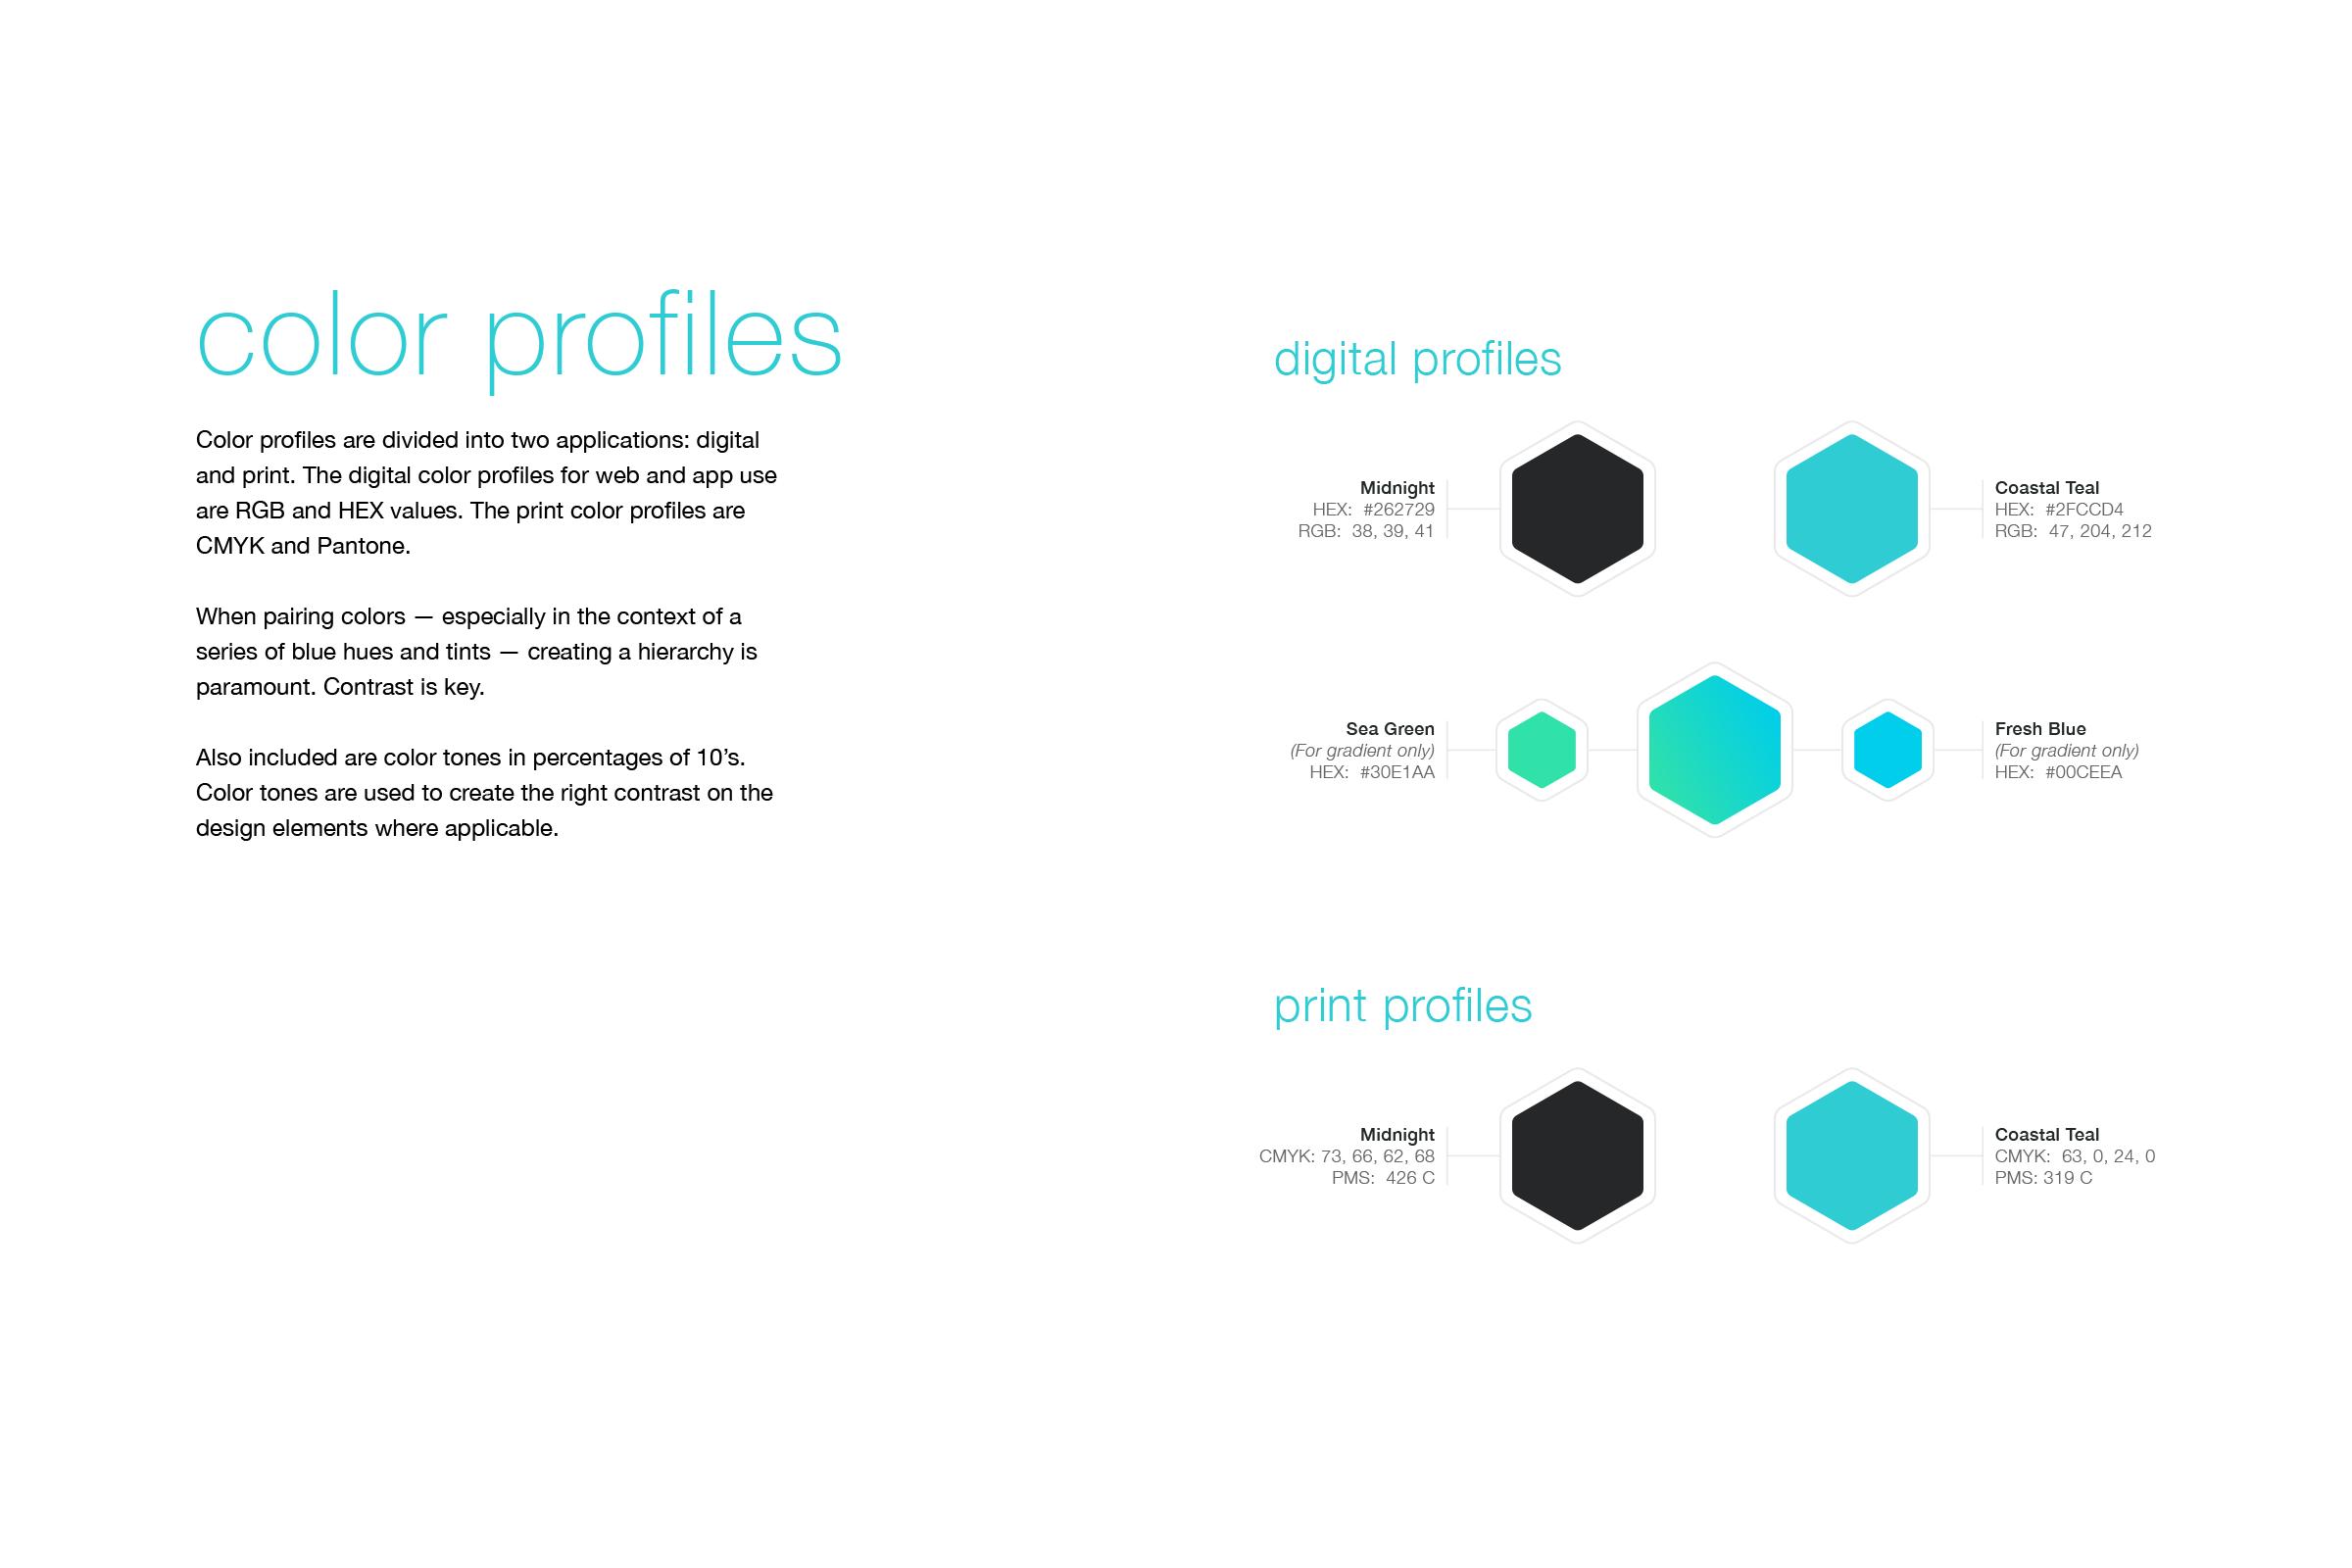 Color profiles